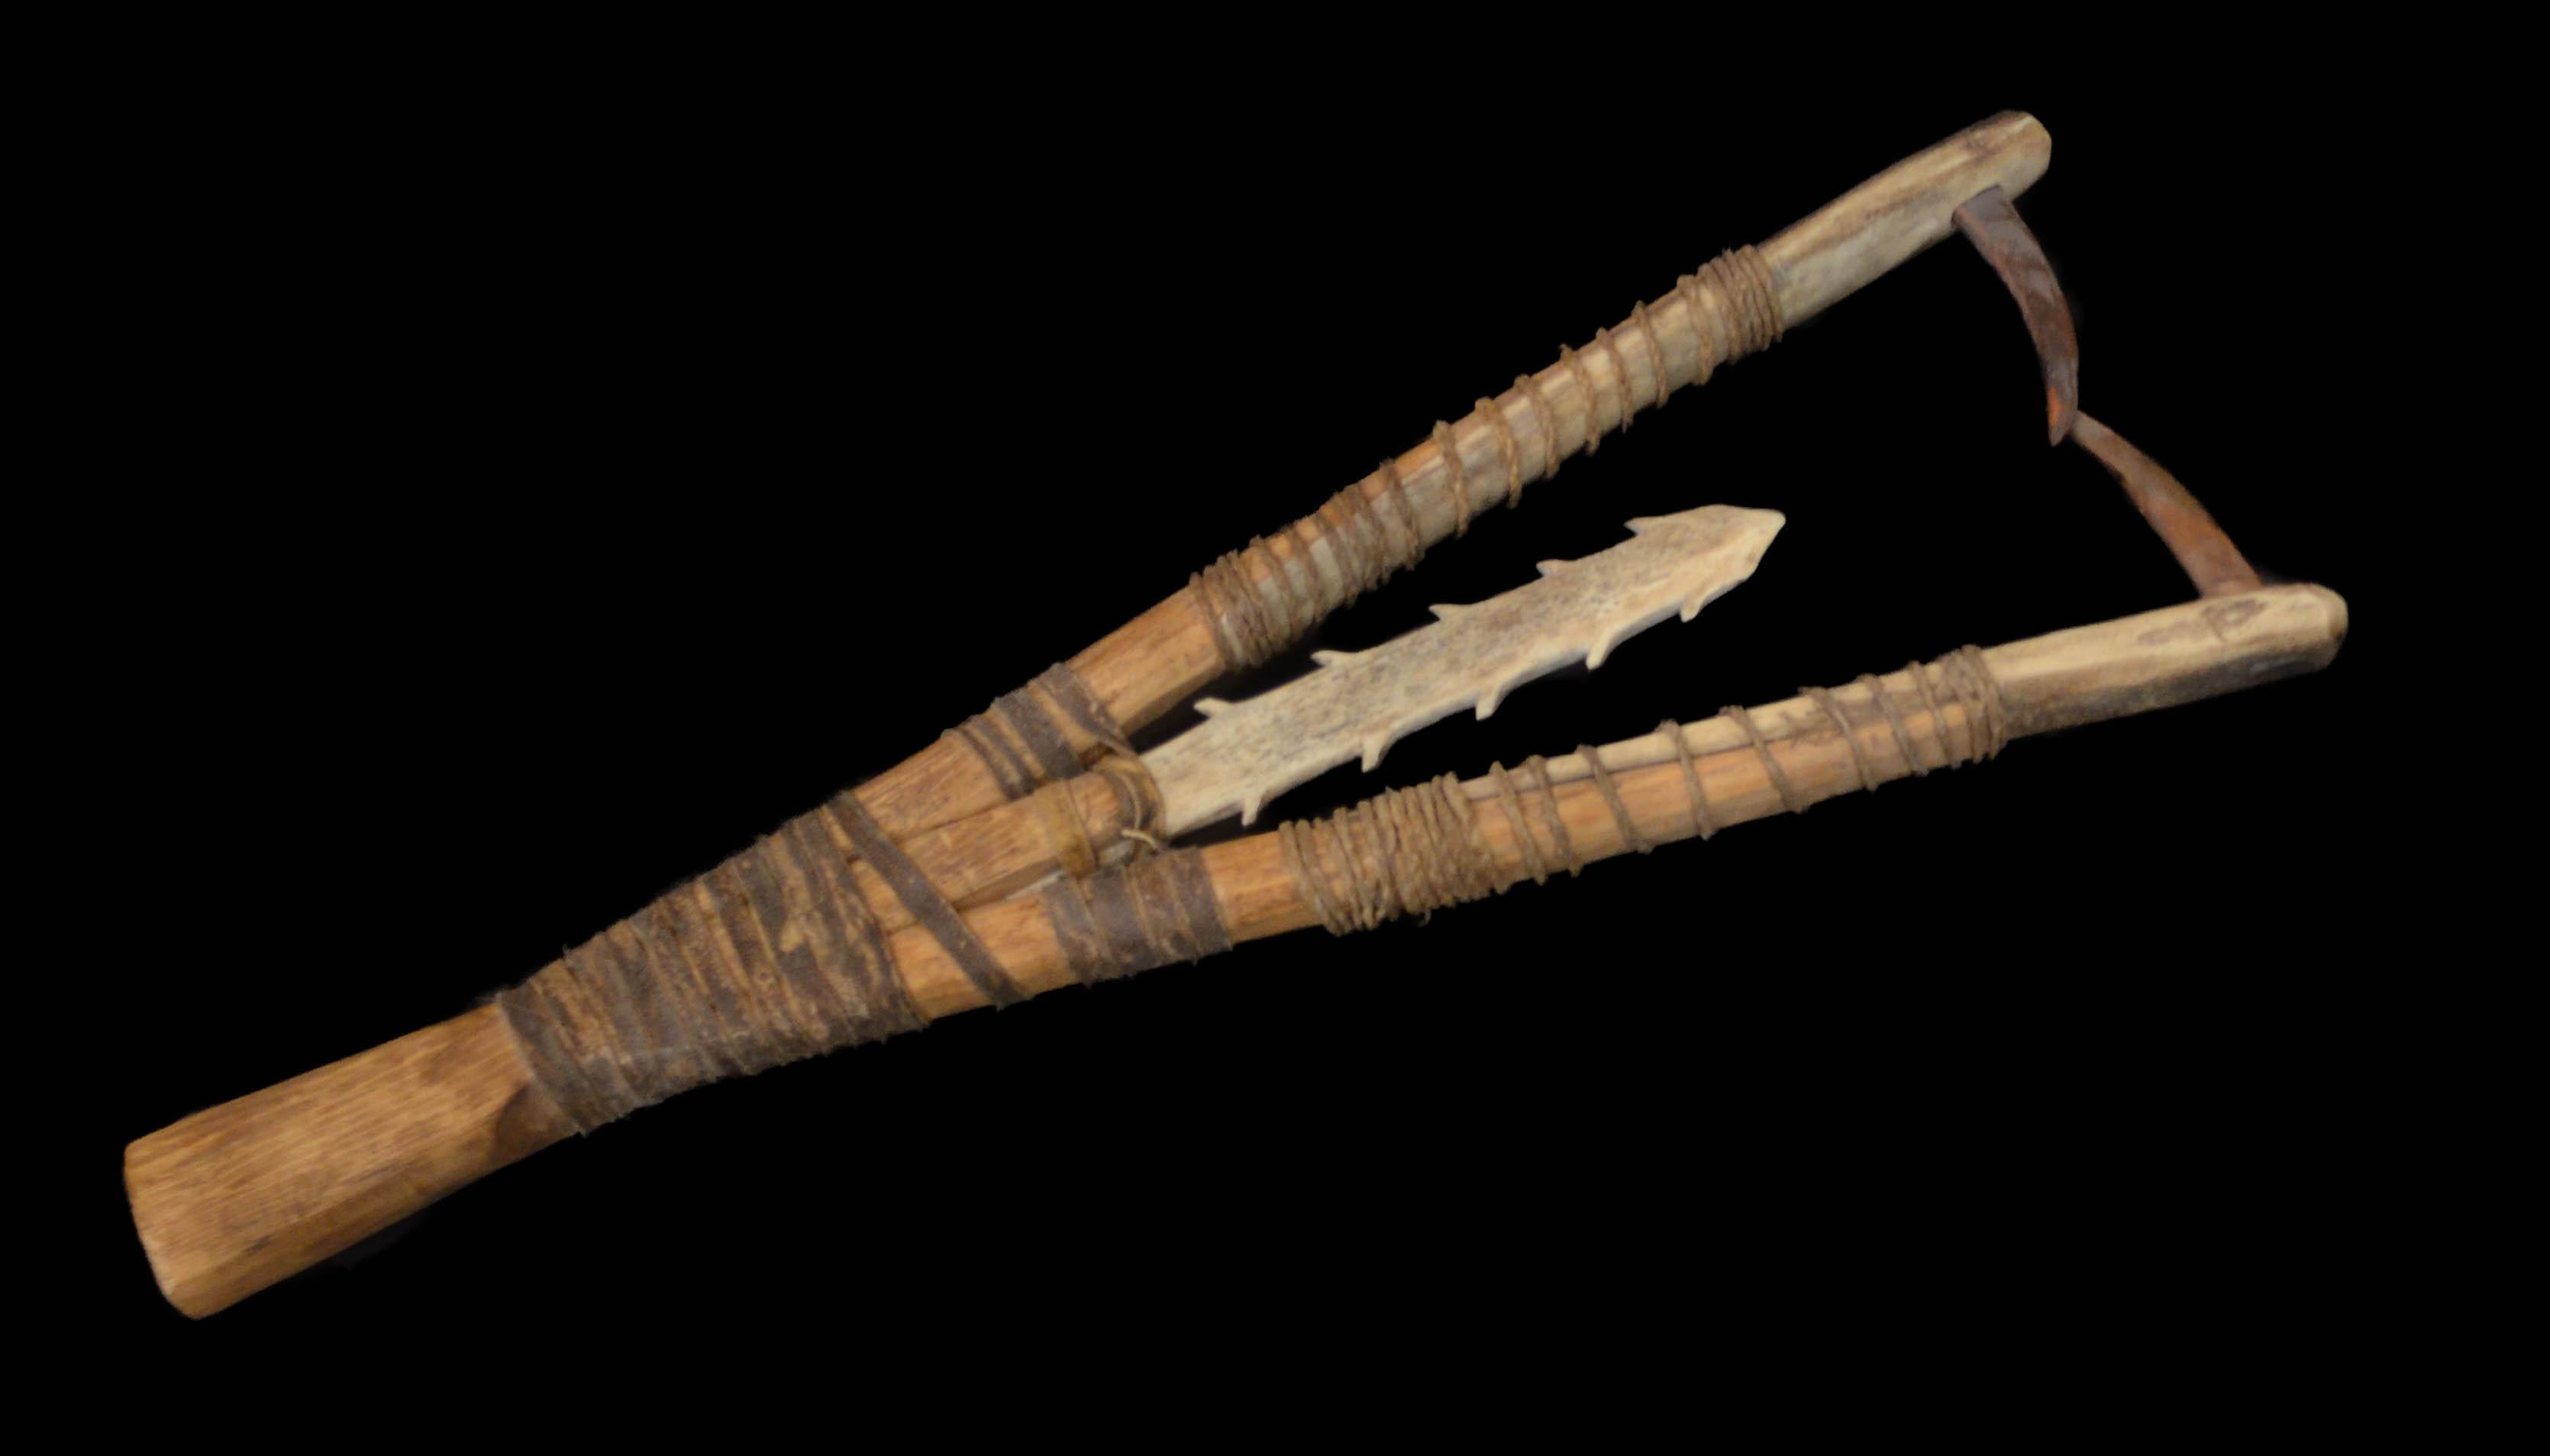 The Inuit Kakivak